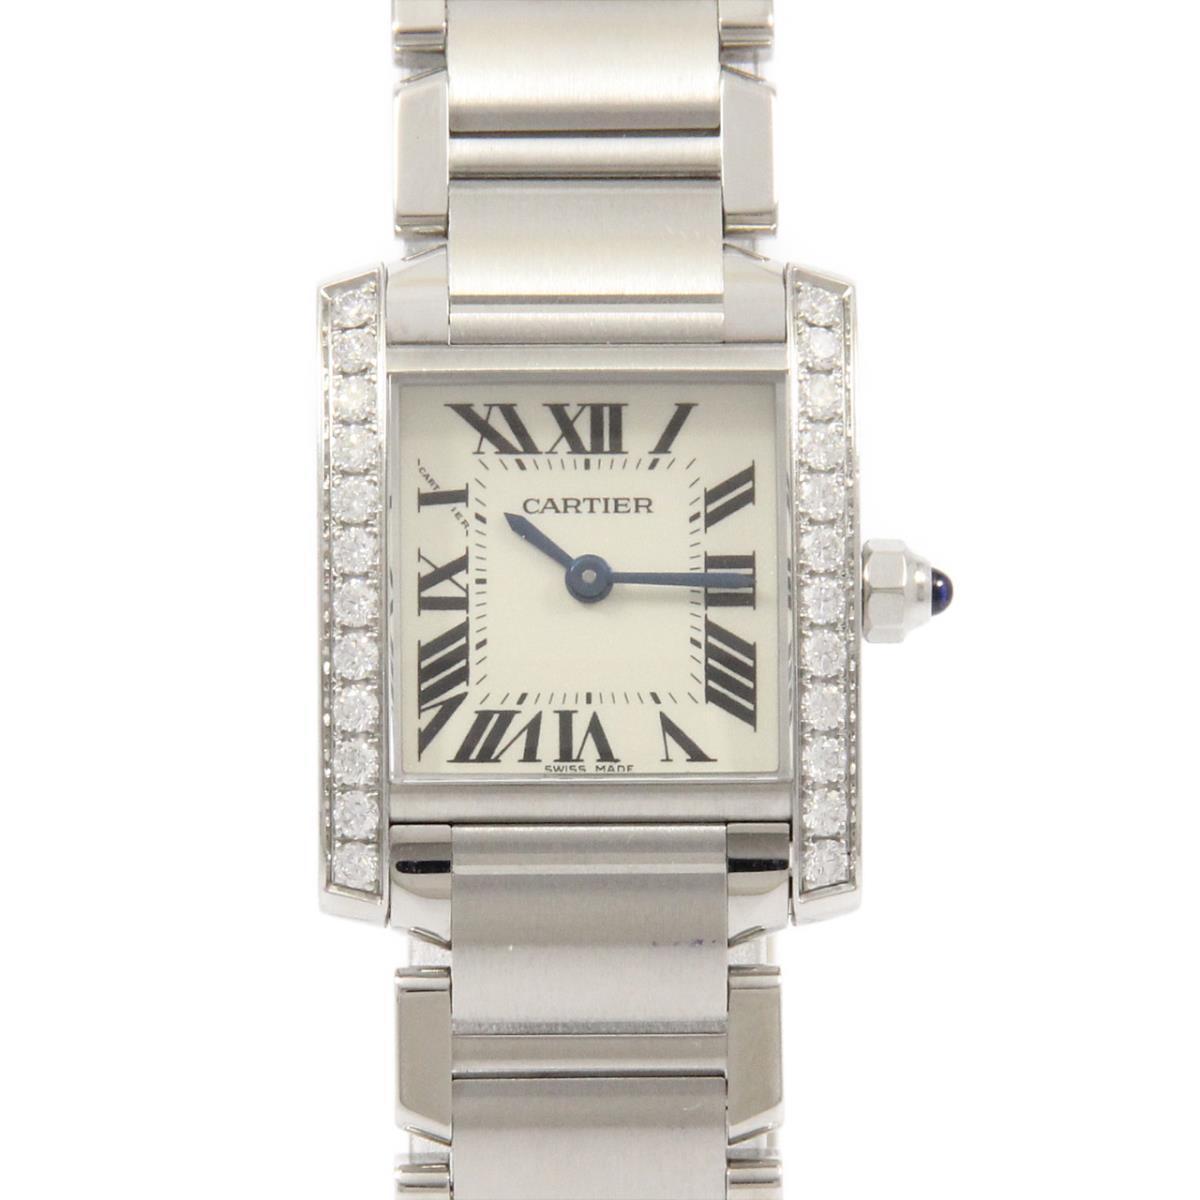 カルティエのシルバーの腕時計